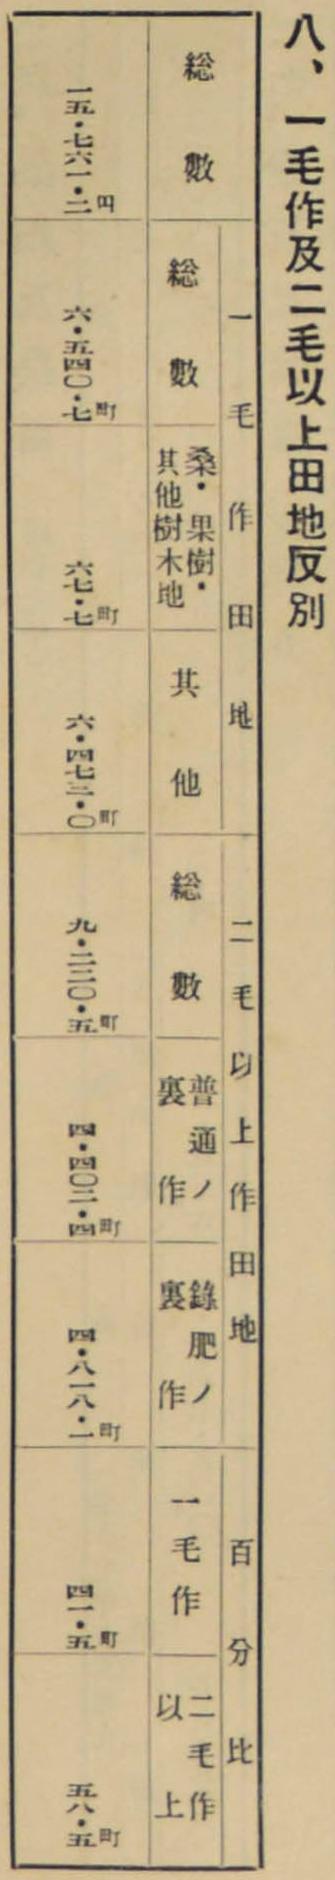 8.一毛作および二毛以上作田地反別 335-1880